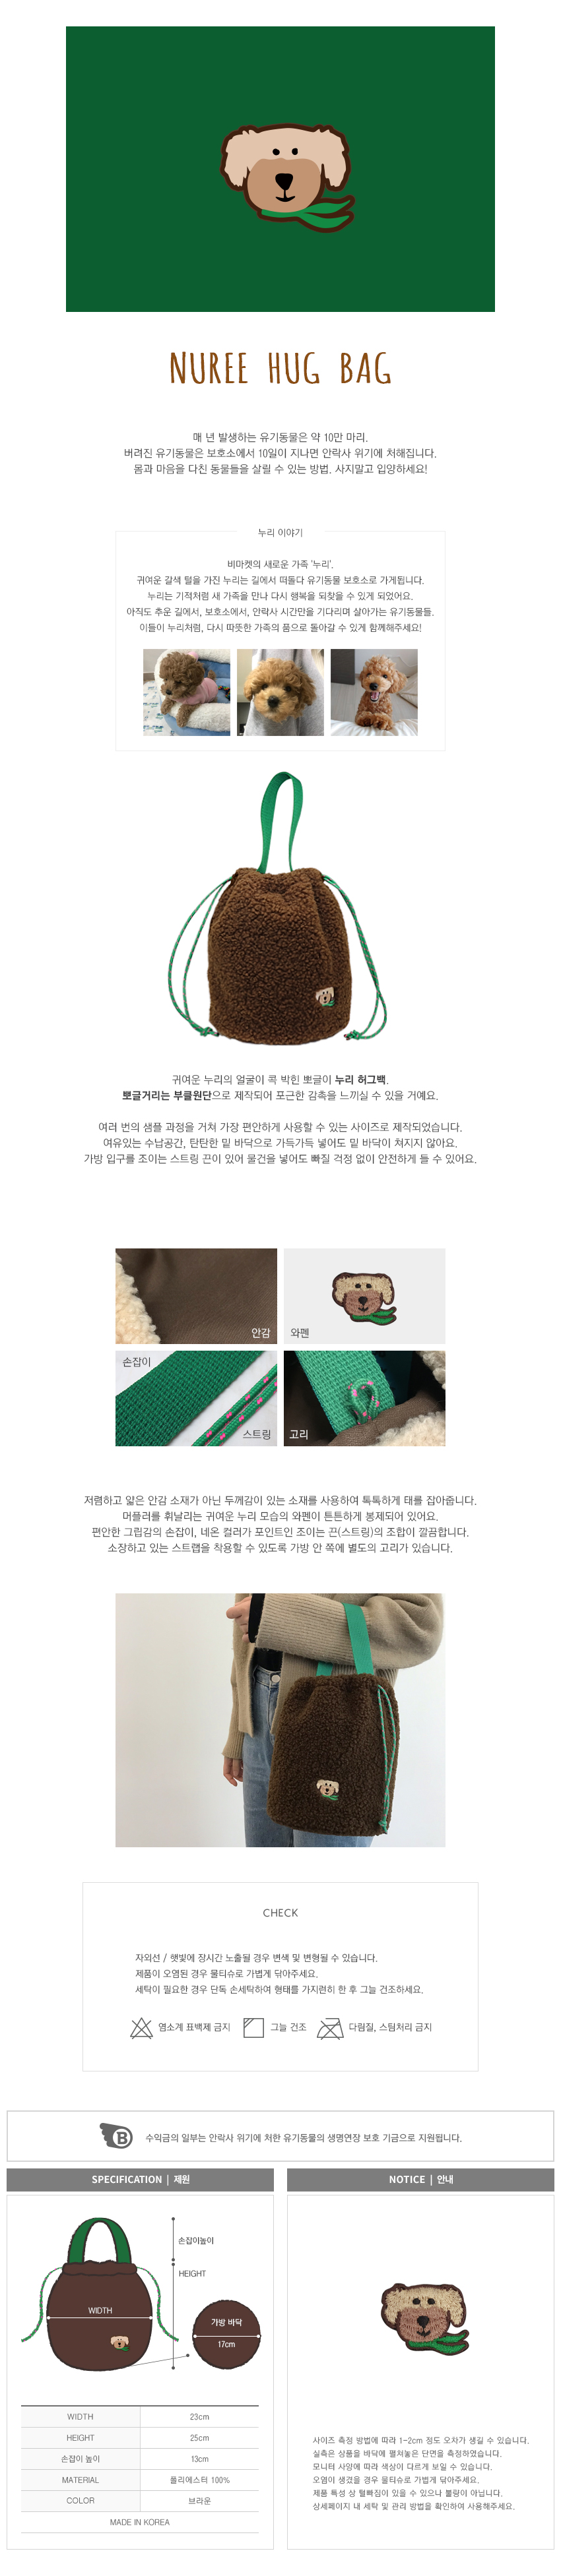 유기동물 지원 뽀글이 누리 허그백 브라운 - 비마켓, 42,000원, 계절백, 인조퍼백